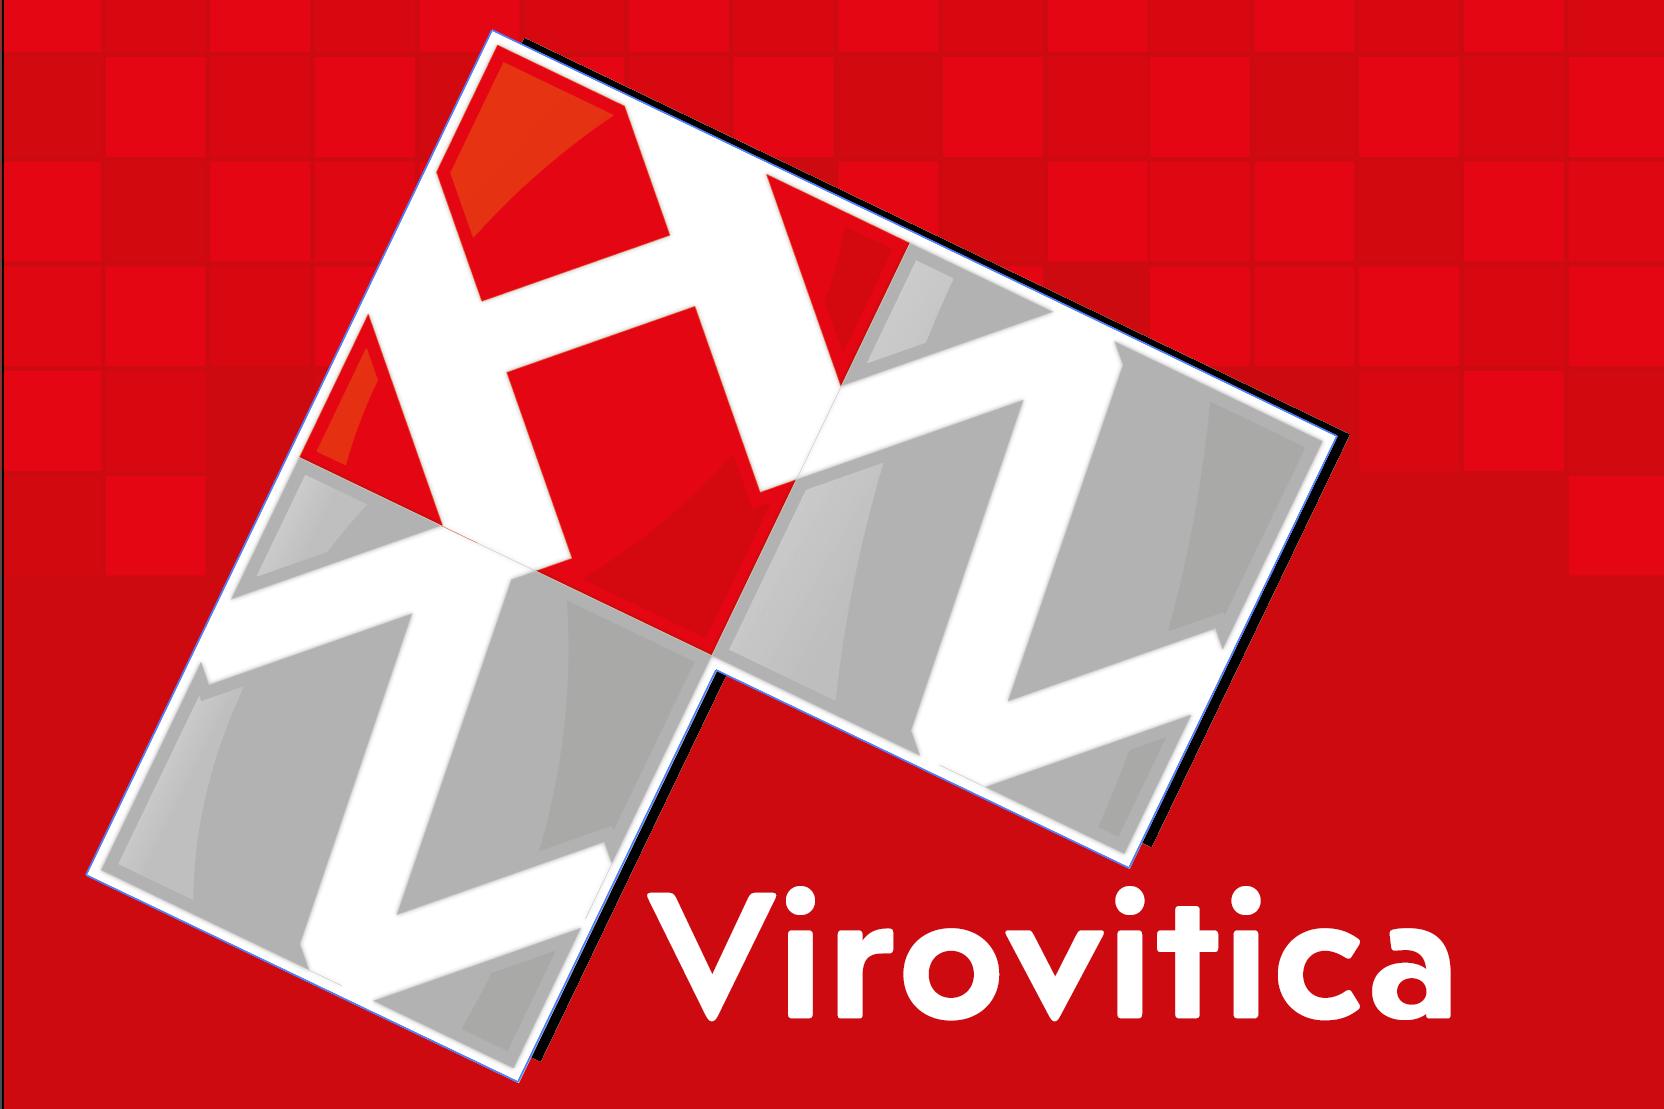 HZZ Virovitica